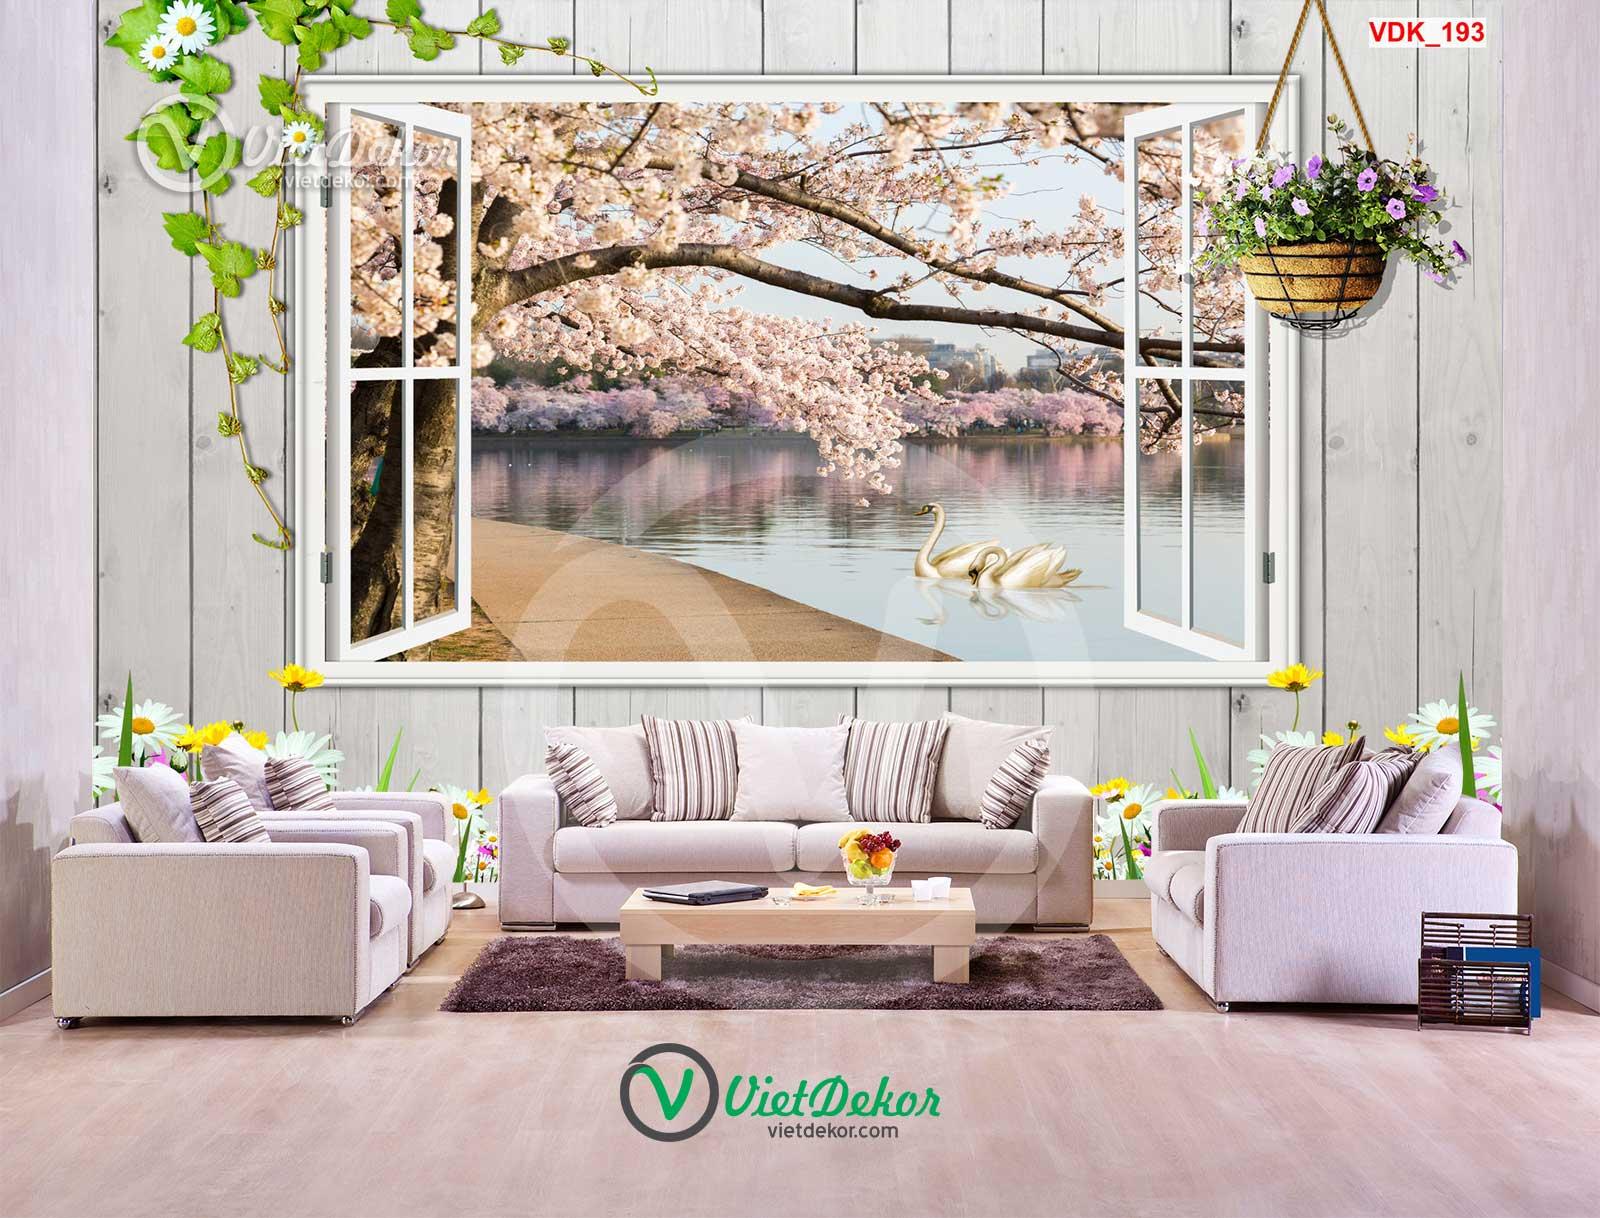 Tranh dán tường 3d cửa sổ thiên nga hoa anh đào